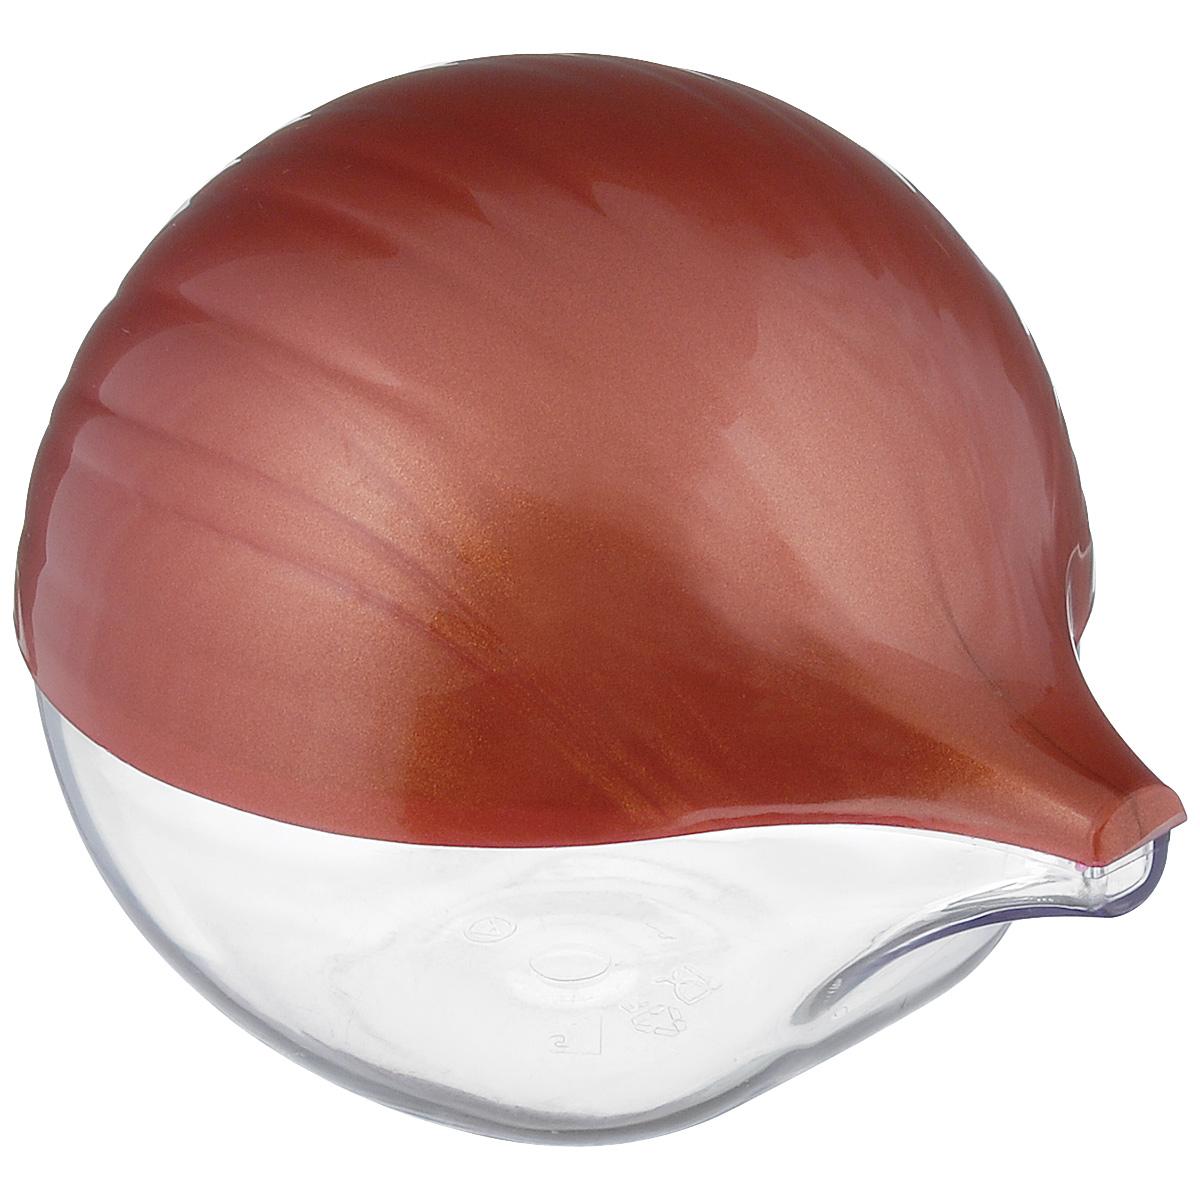 """Емкость для хранения репчатого лука """"Альтернатива"""", изготовленная из пластика с  полупрозрачной  крышкой, дольше сохранит полезные свойства разрезанного лука, предотвратит  распространение запаха и сбережет лук от высыхания.  Оригинальный дизайн контейнера, выполненного в виде луковицы, украсит ваш кухонный  стол."""